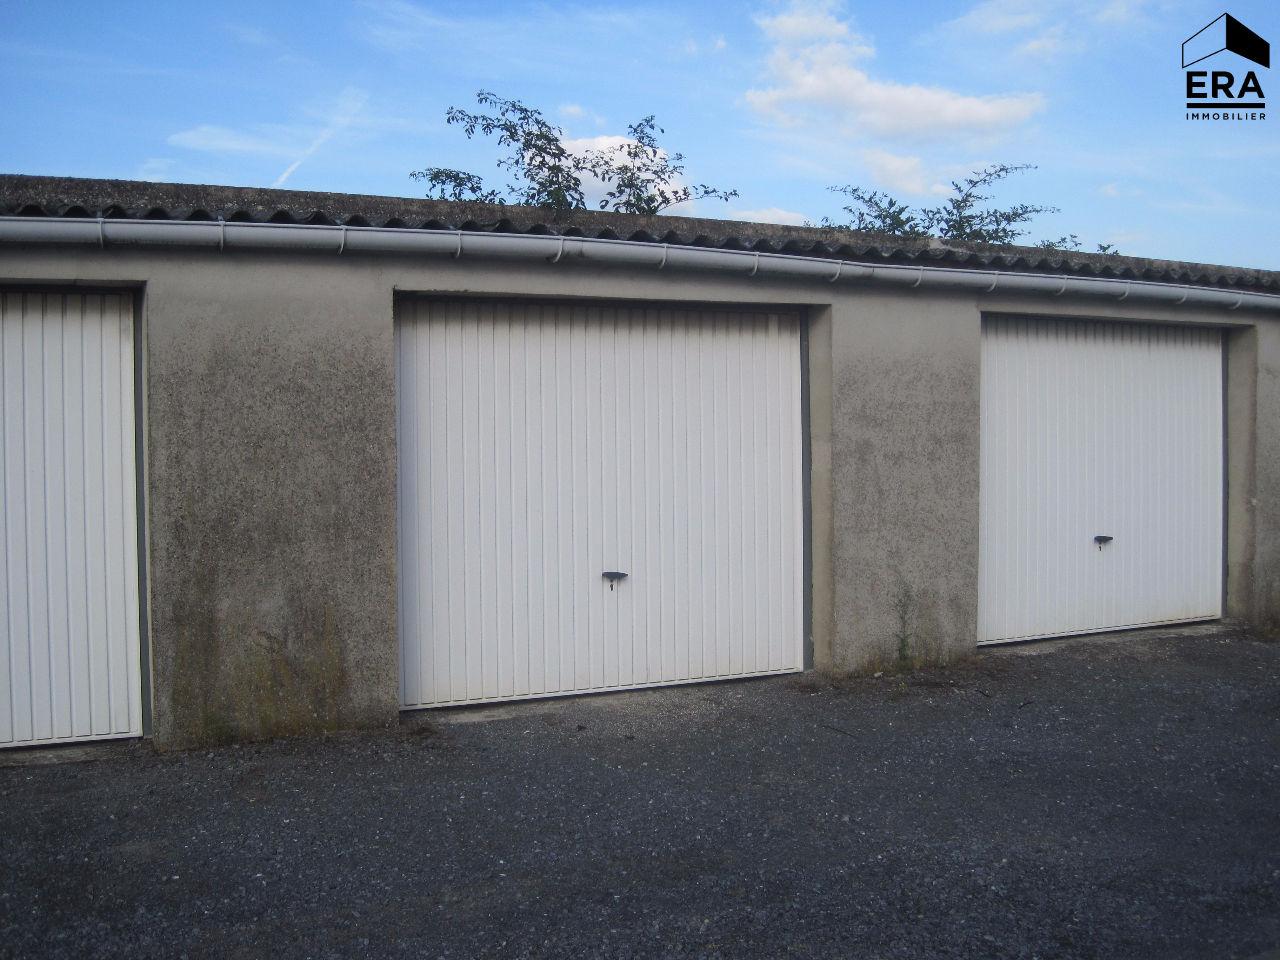 location garage parking saint quentin 02100 sur le